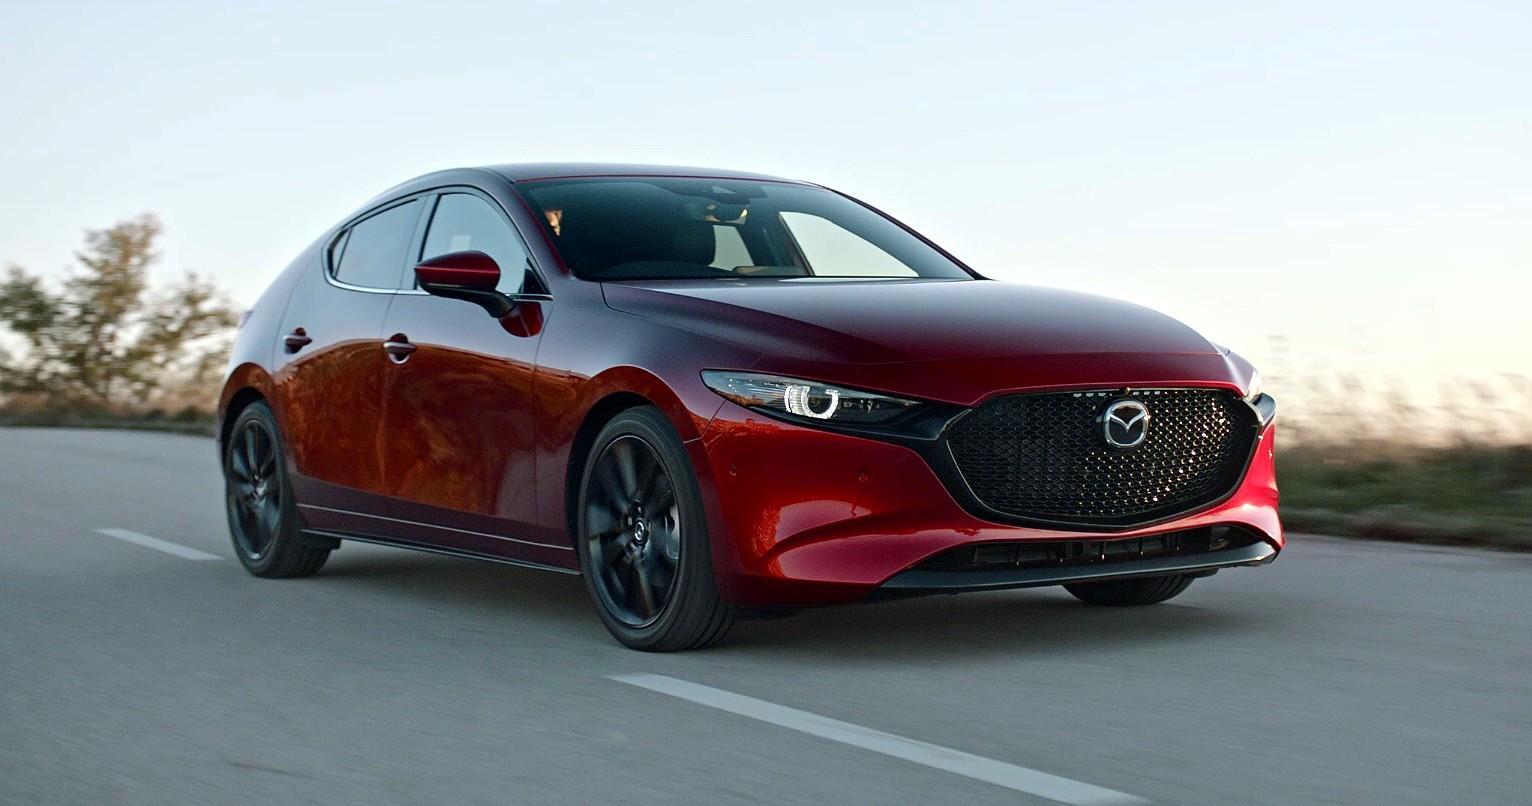 Ecco la Nuova Mazda 3